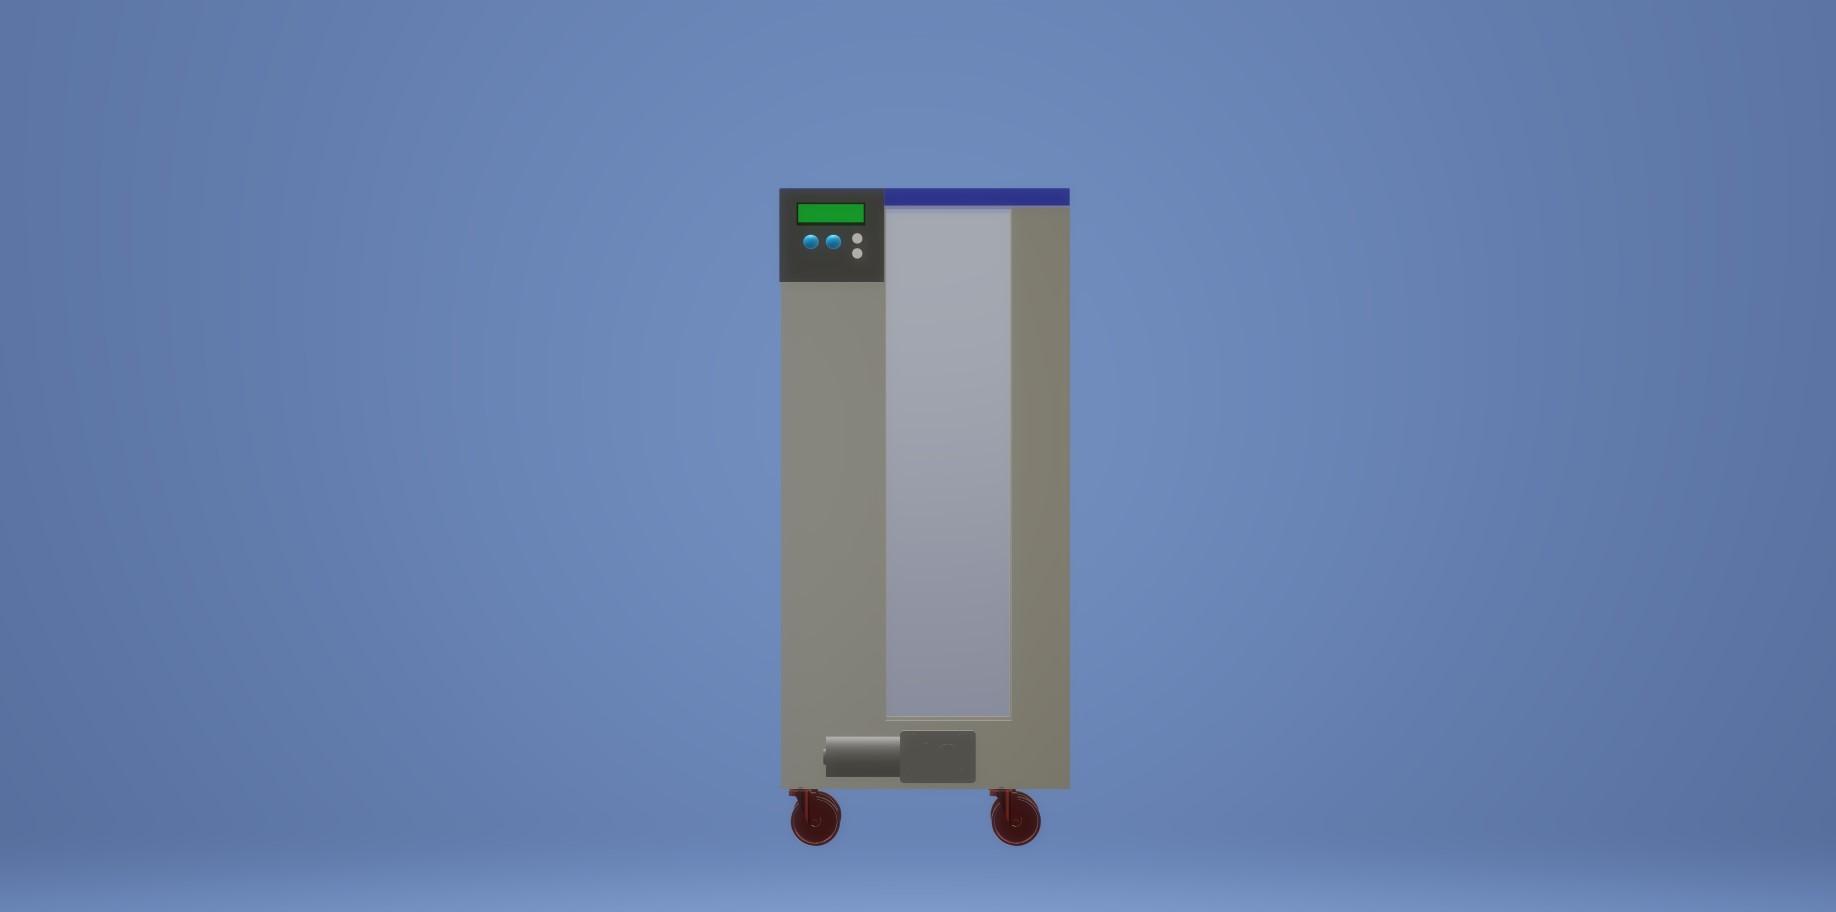 Nevon mattress cleaner machine